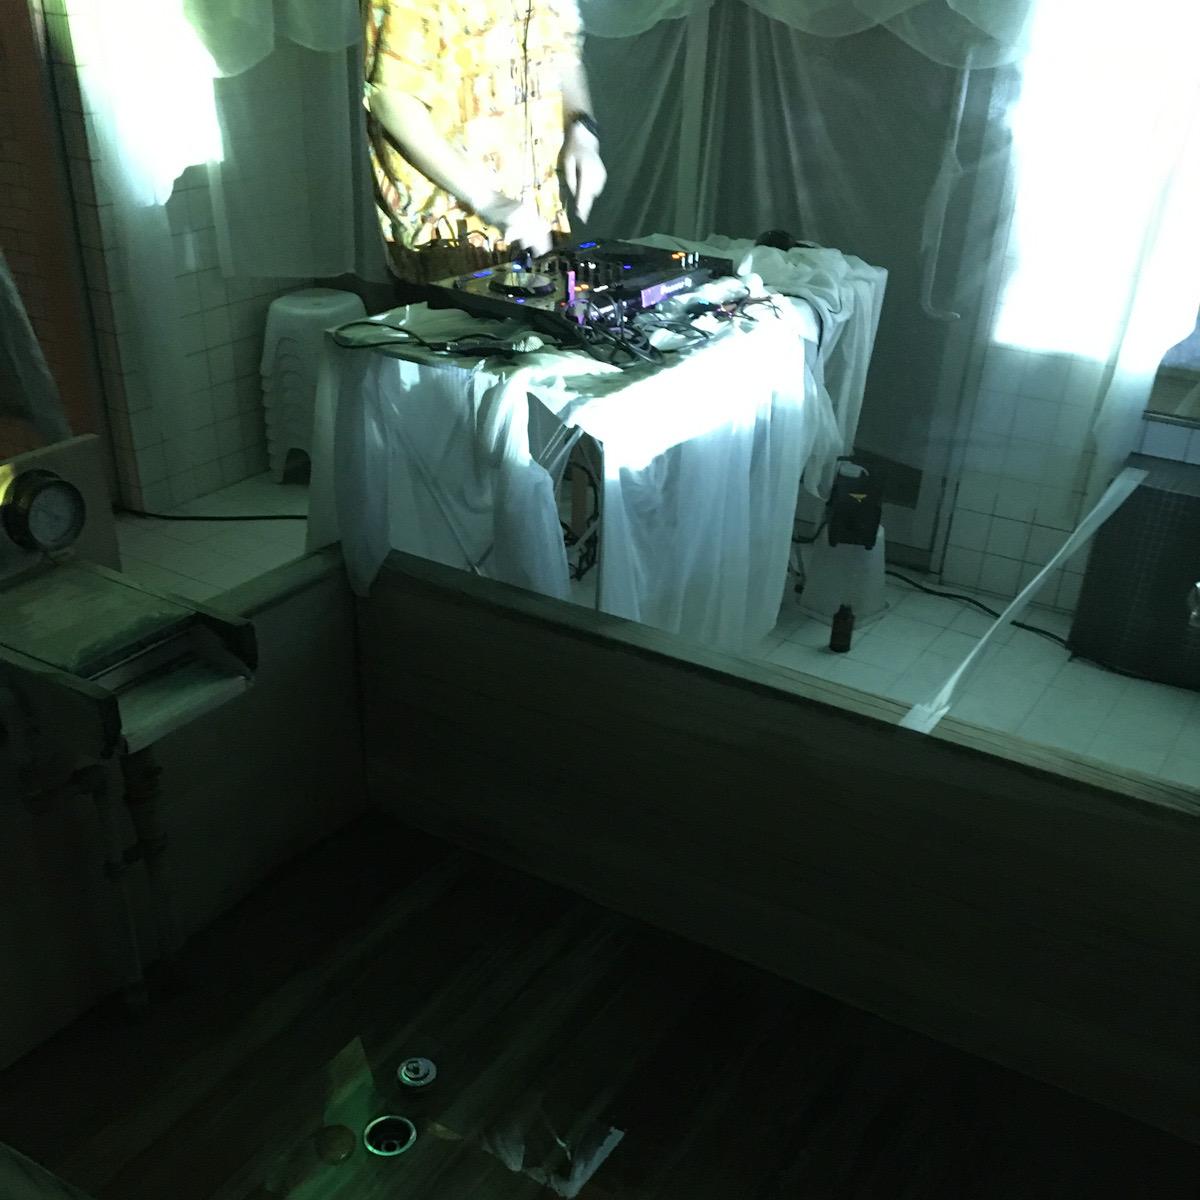 稲荷町、日の出湯で開催された「ダンス風呂屋」に行ってきた!